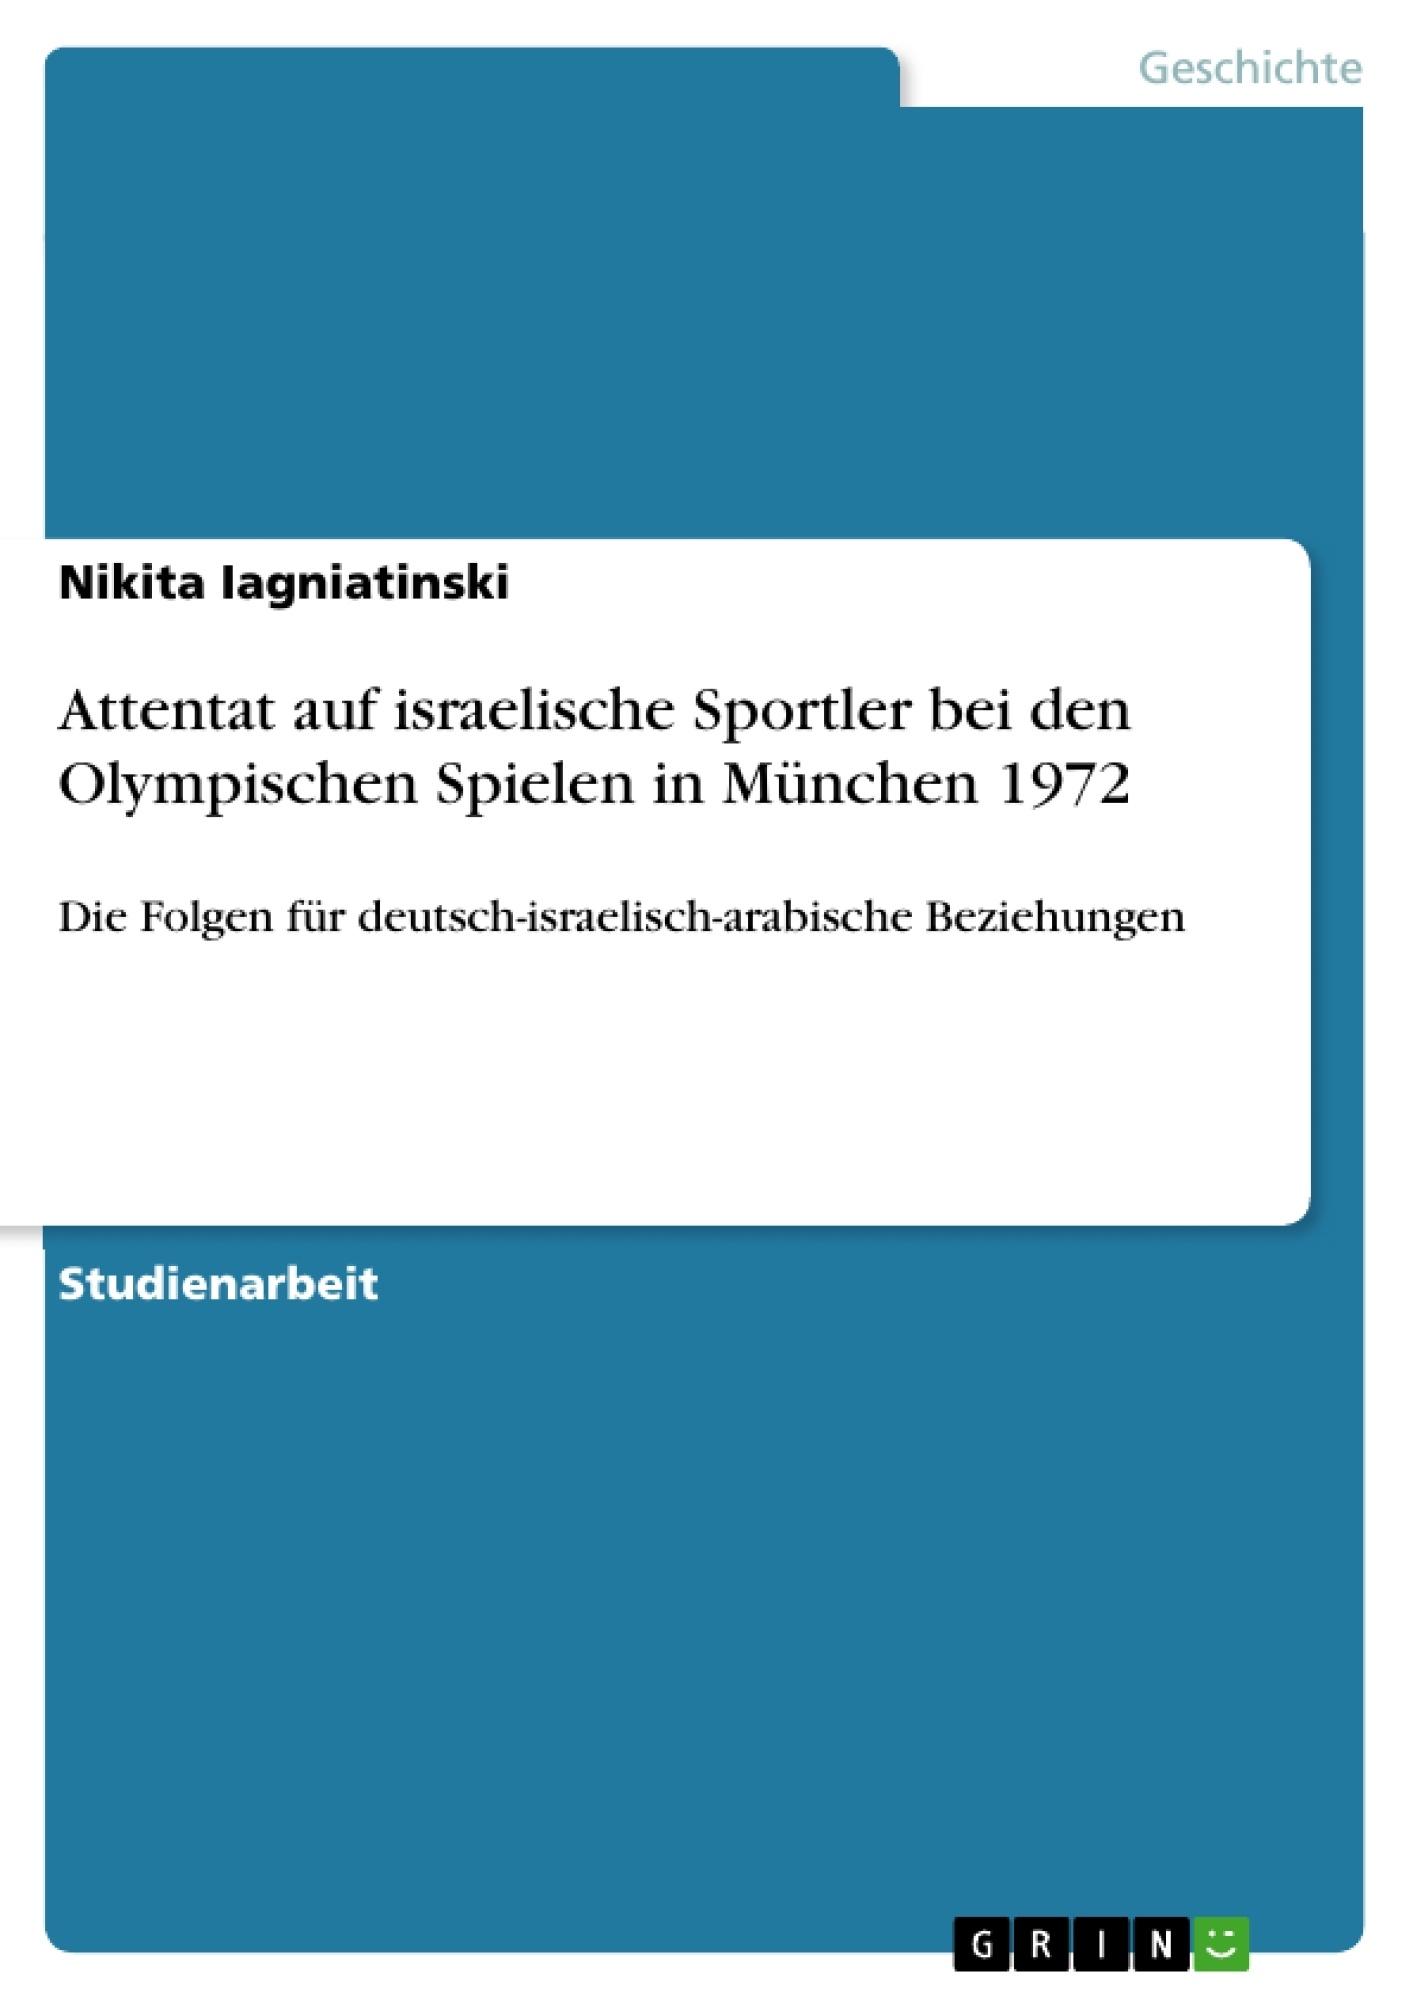 Titel: Attentat auf israelische Sportler bei den Olympischen Spielen in München 1972